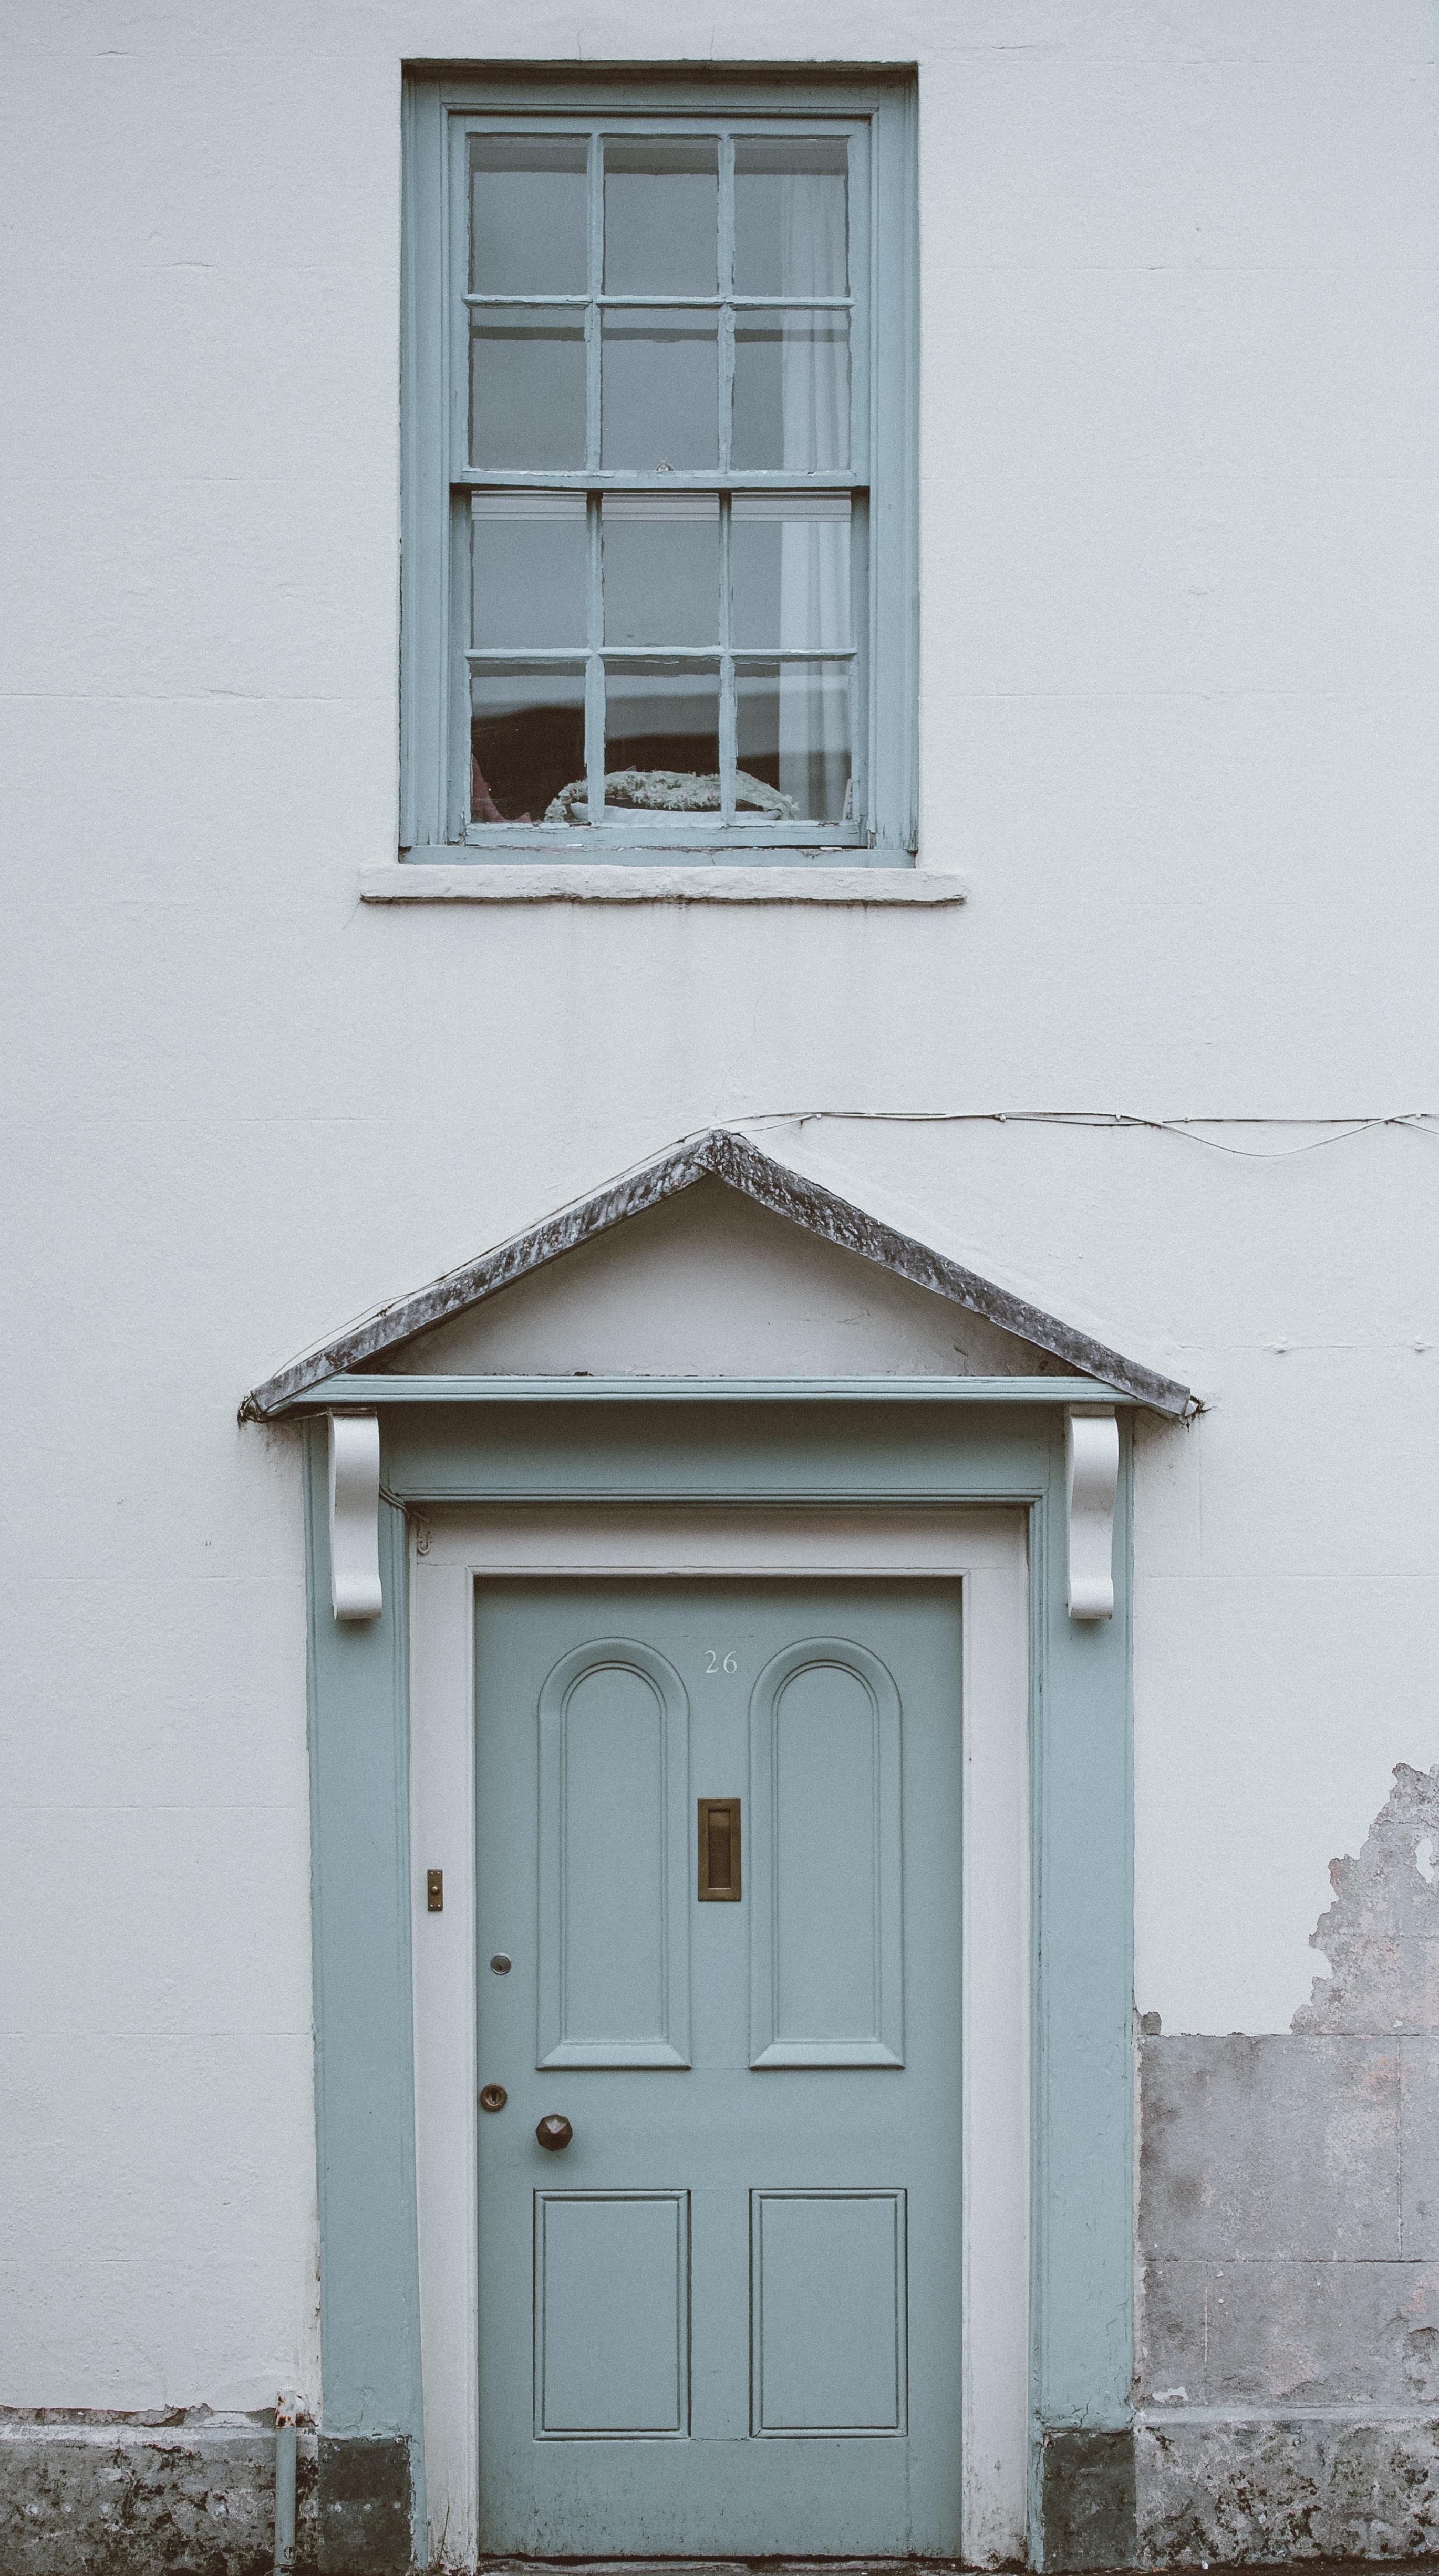 gray wooden 4-paneled door